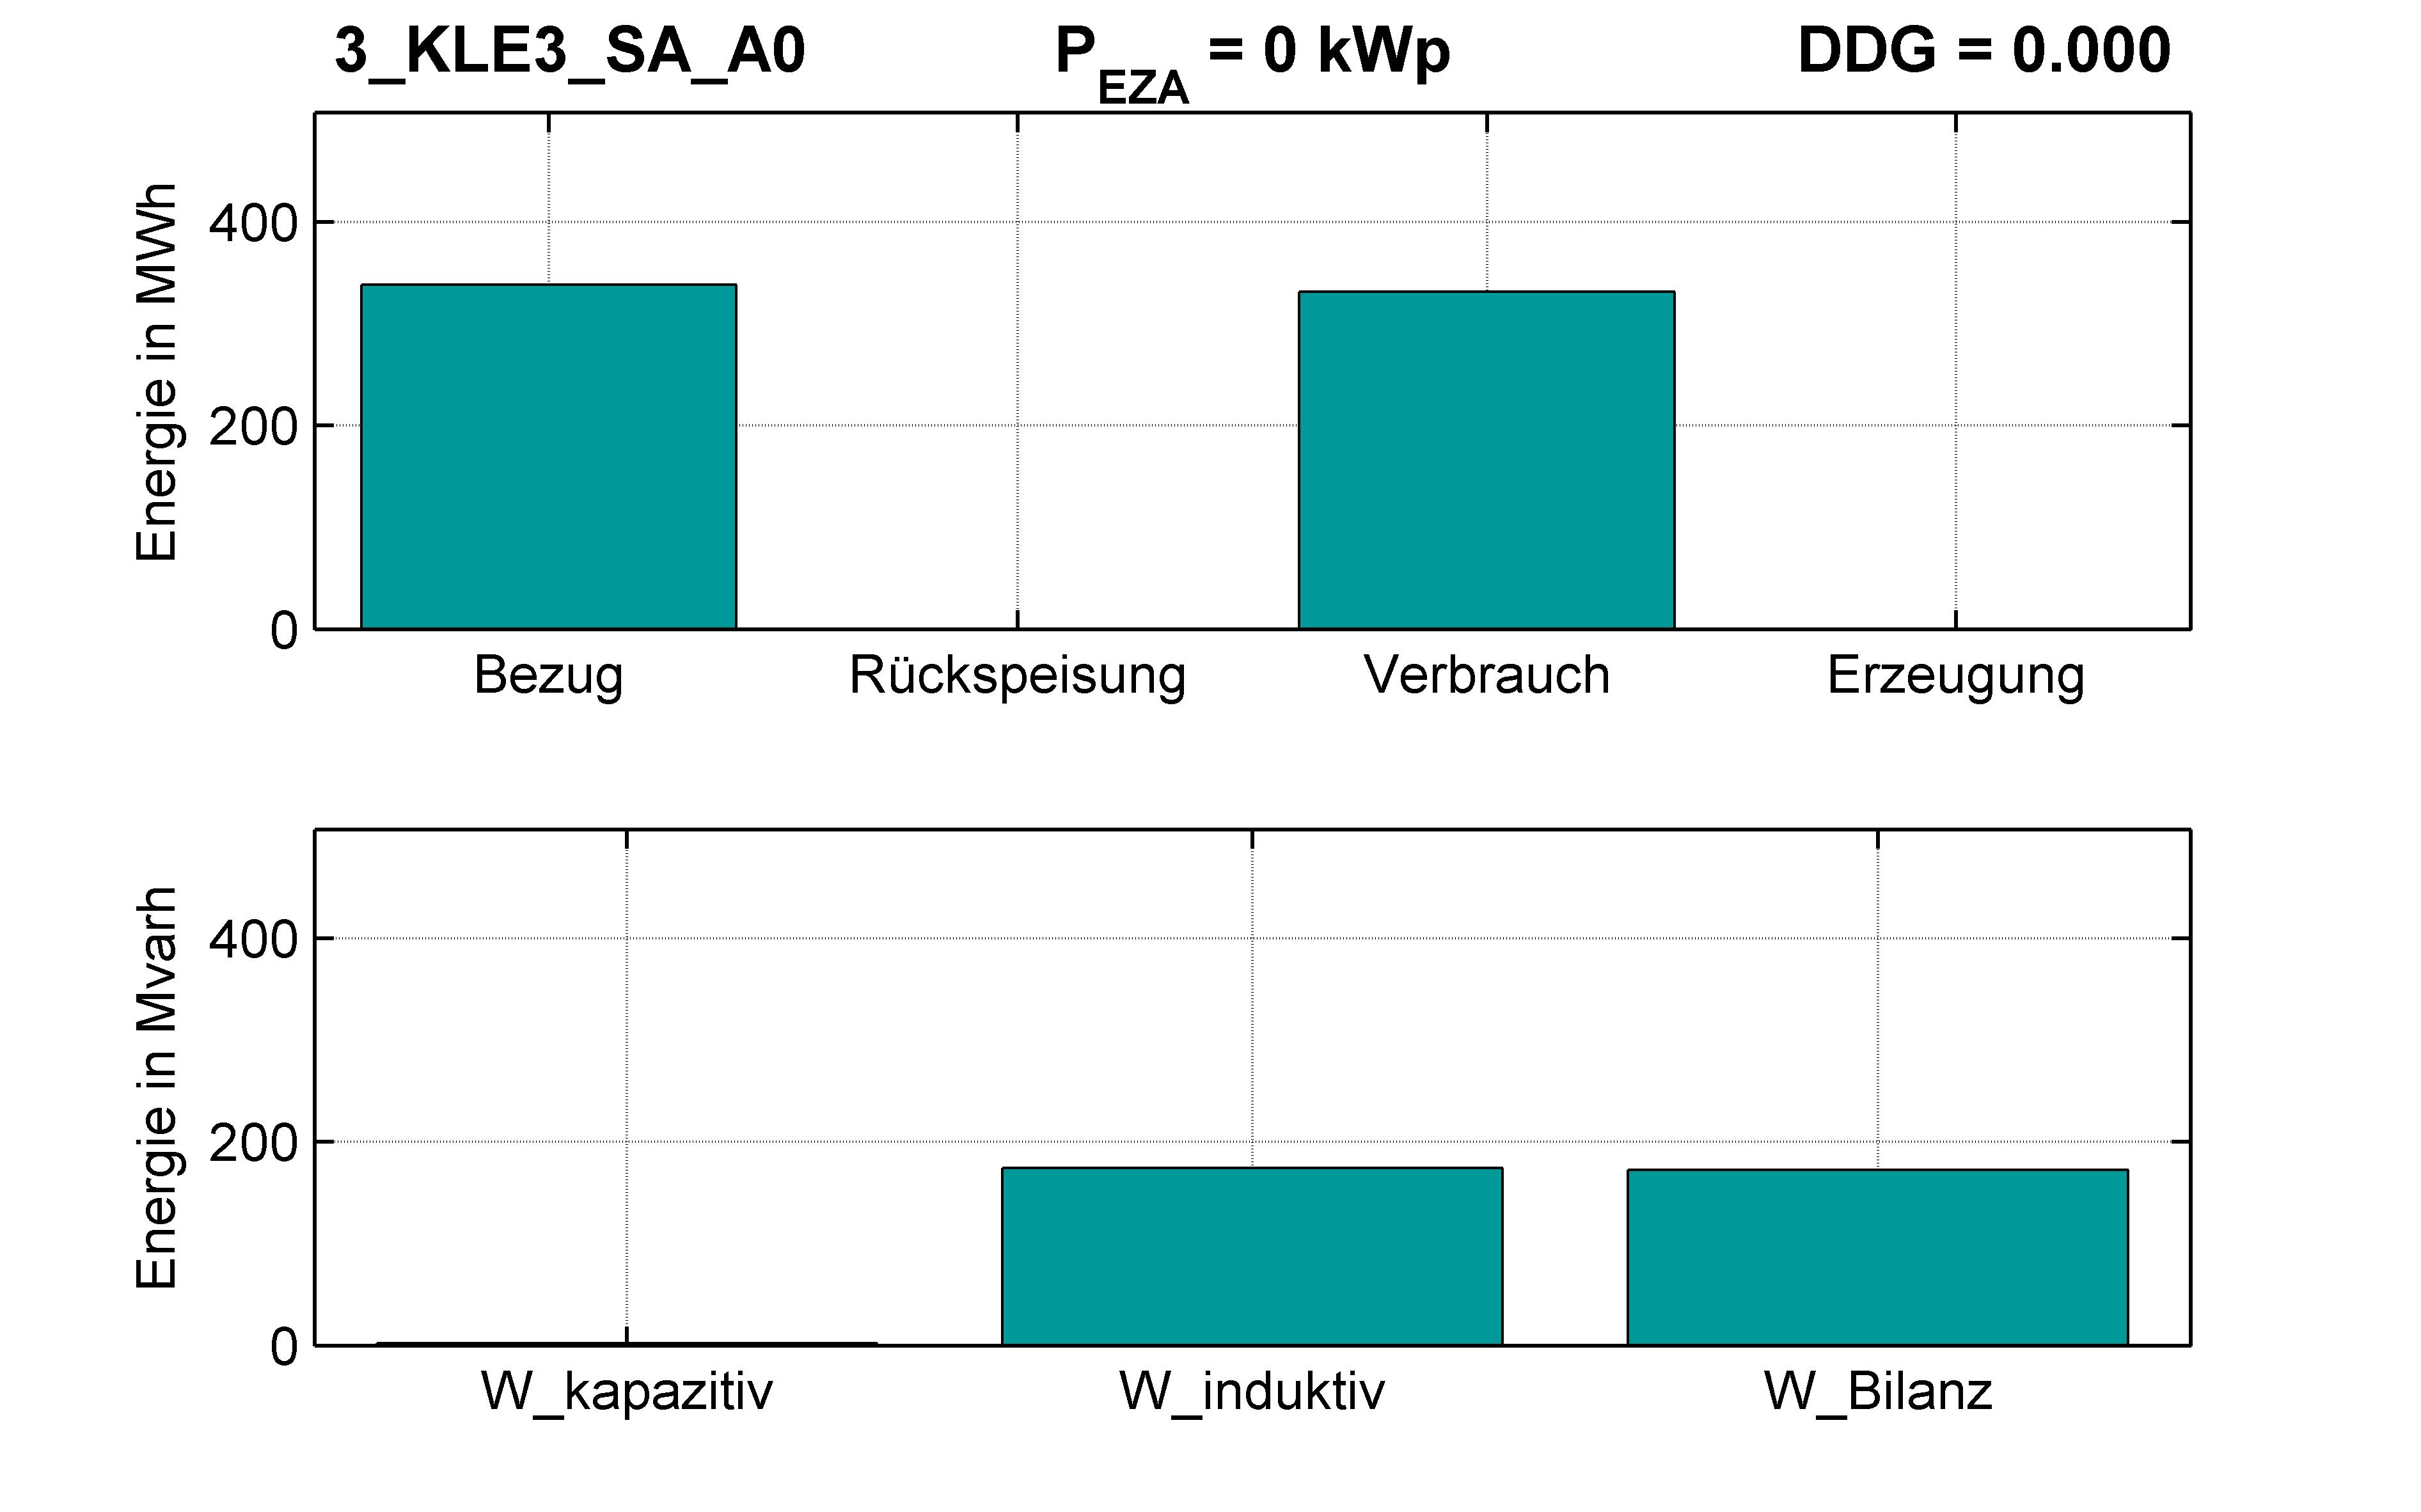 KLE3 | P-Kappung 70% (SA) A0 | PQ-Bilanz